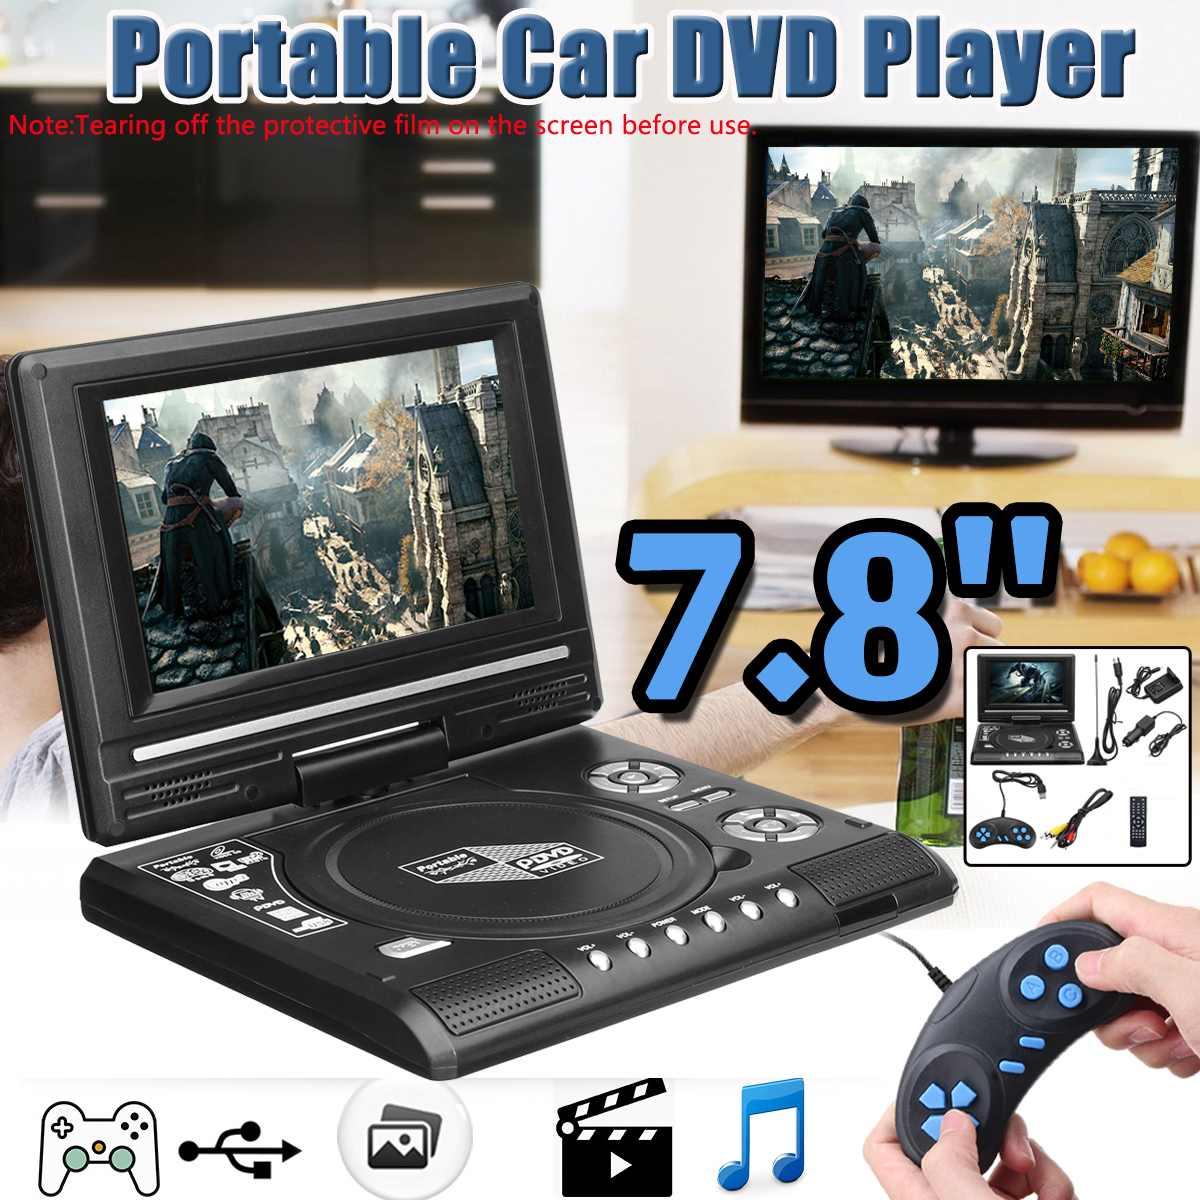 7.8 Polegada portátil hd tv casa carro dvd player vcd cd mp3 leitor de dvd usb cartões sd rca tv portatil cabo jogo 16:9 girar tela lcd